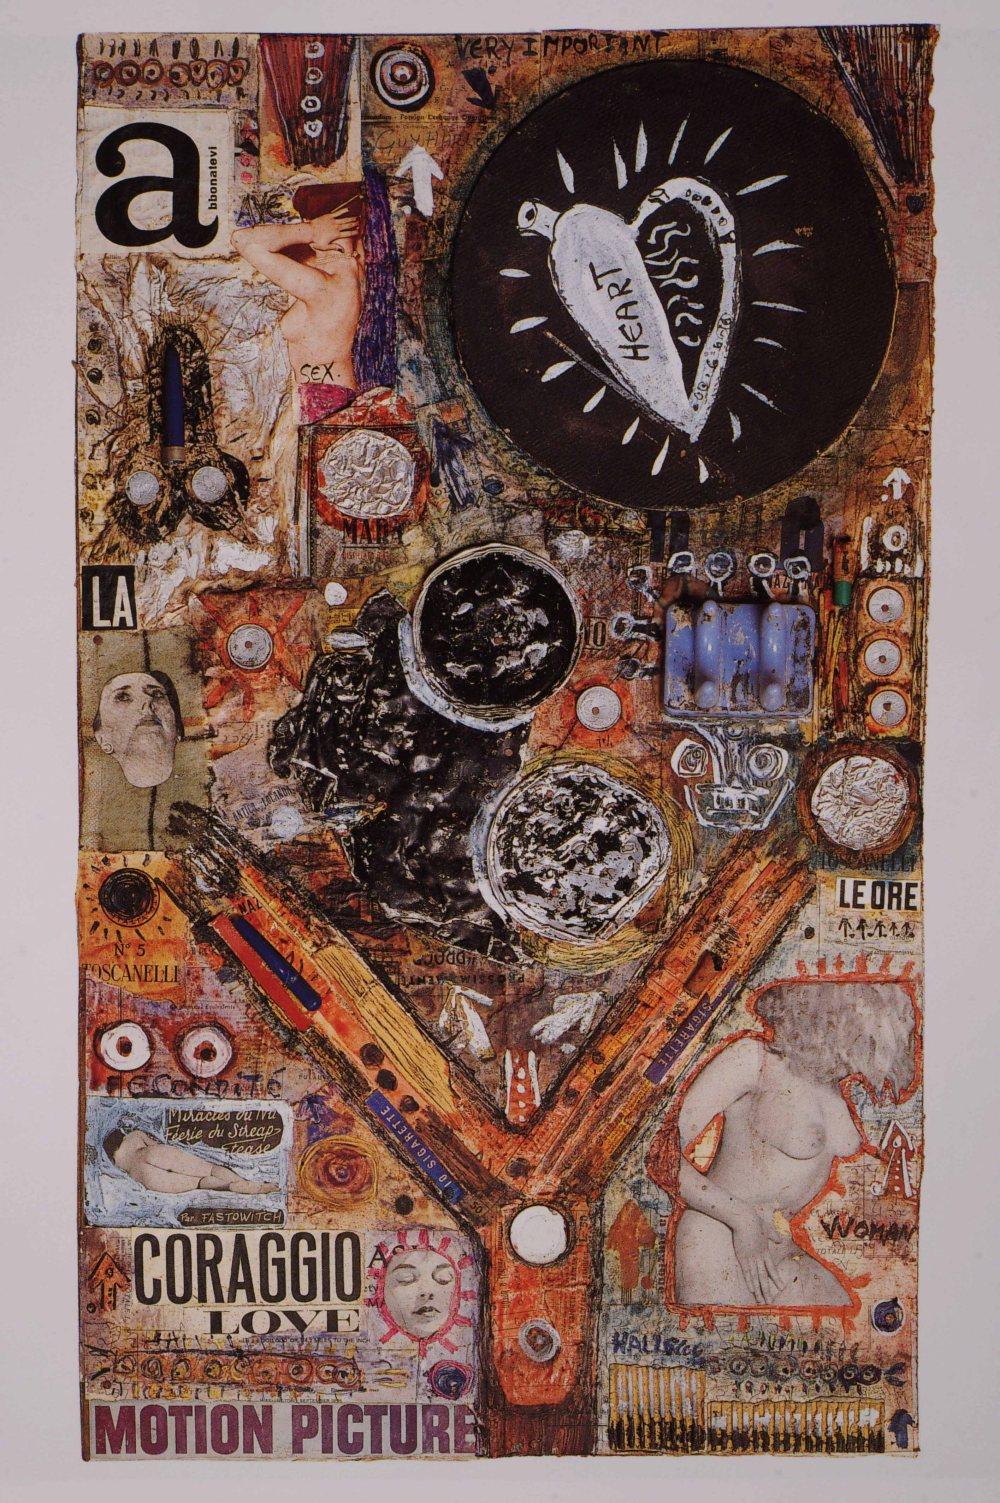 Tav. 3. Collage n. 1, 1956, collage polimaterico, cera e inchiostri su carta, cm. 73x42. Collezione privata - Copia